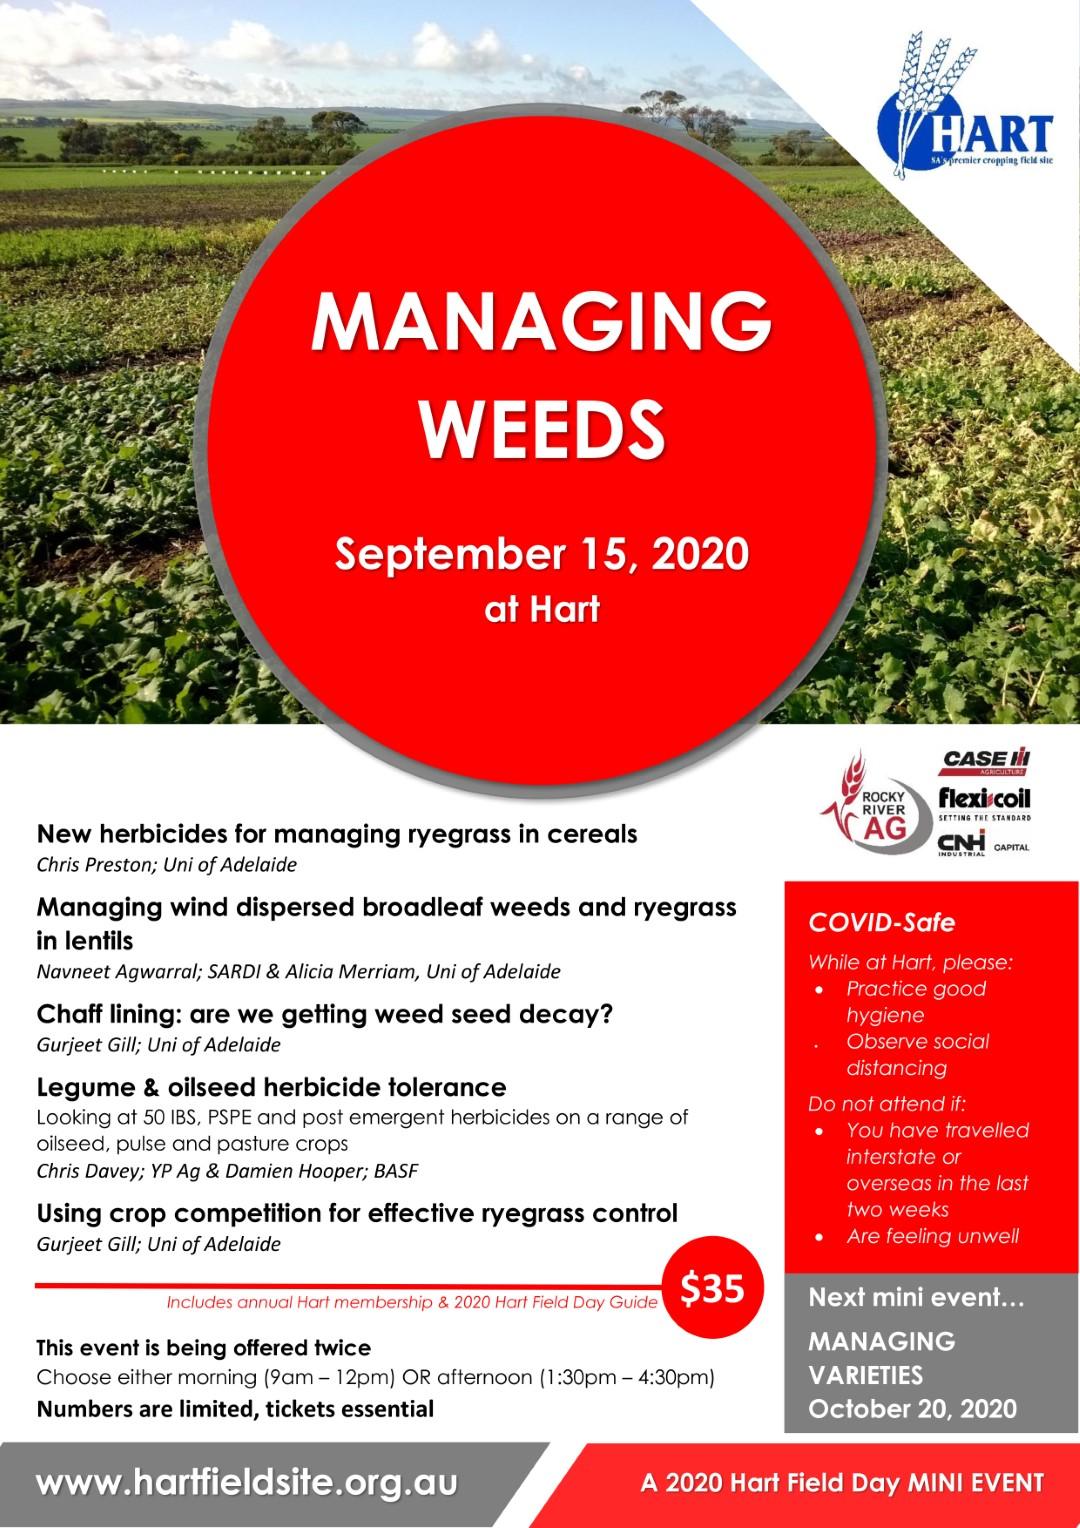 Hart mini-event 'Managing Weeds'